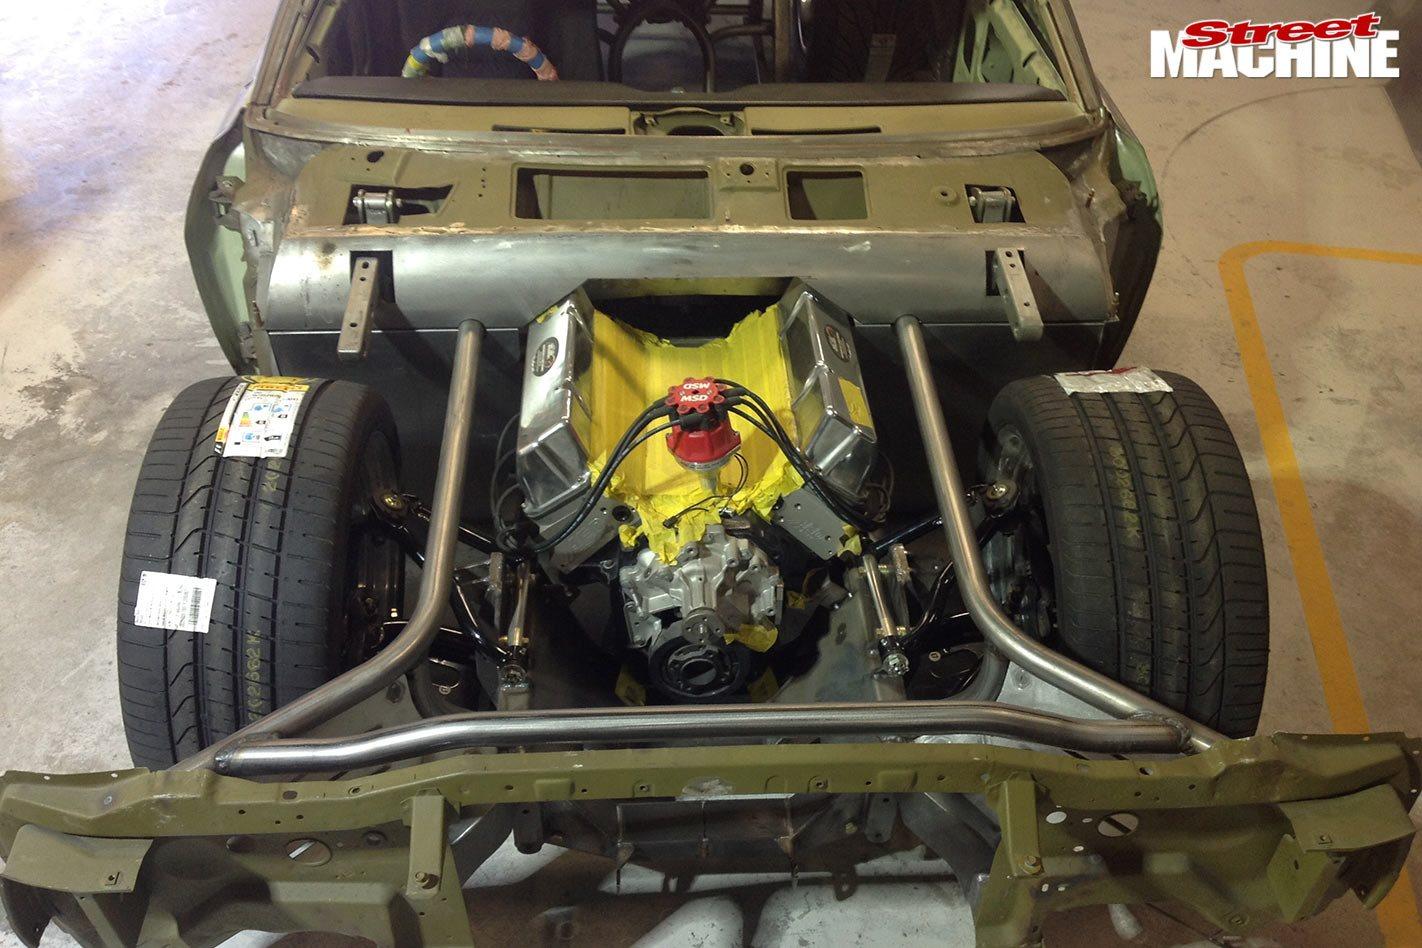 Fabrication basics: How to maximise your vehicle's strength